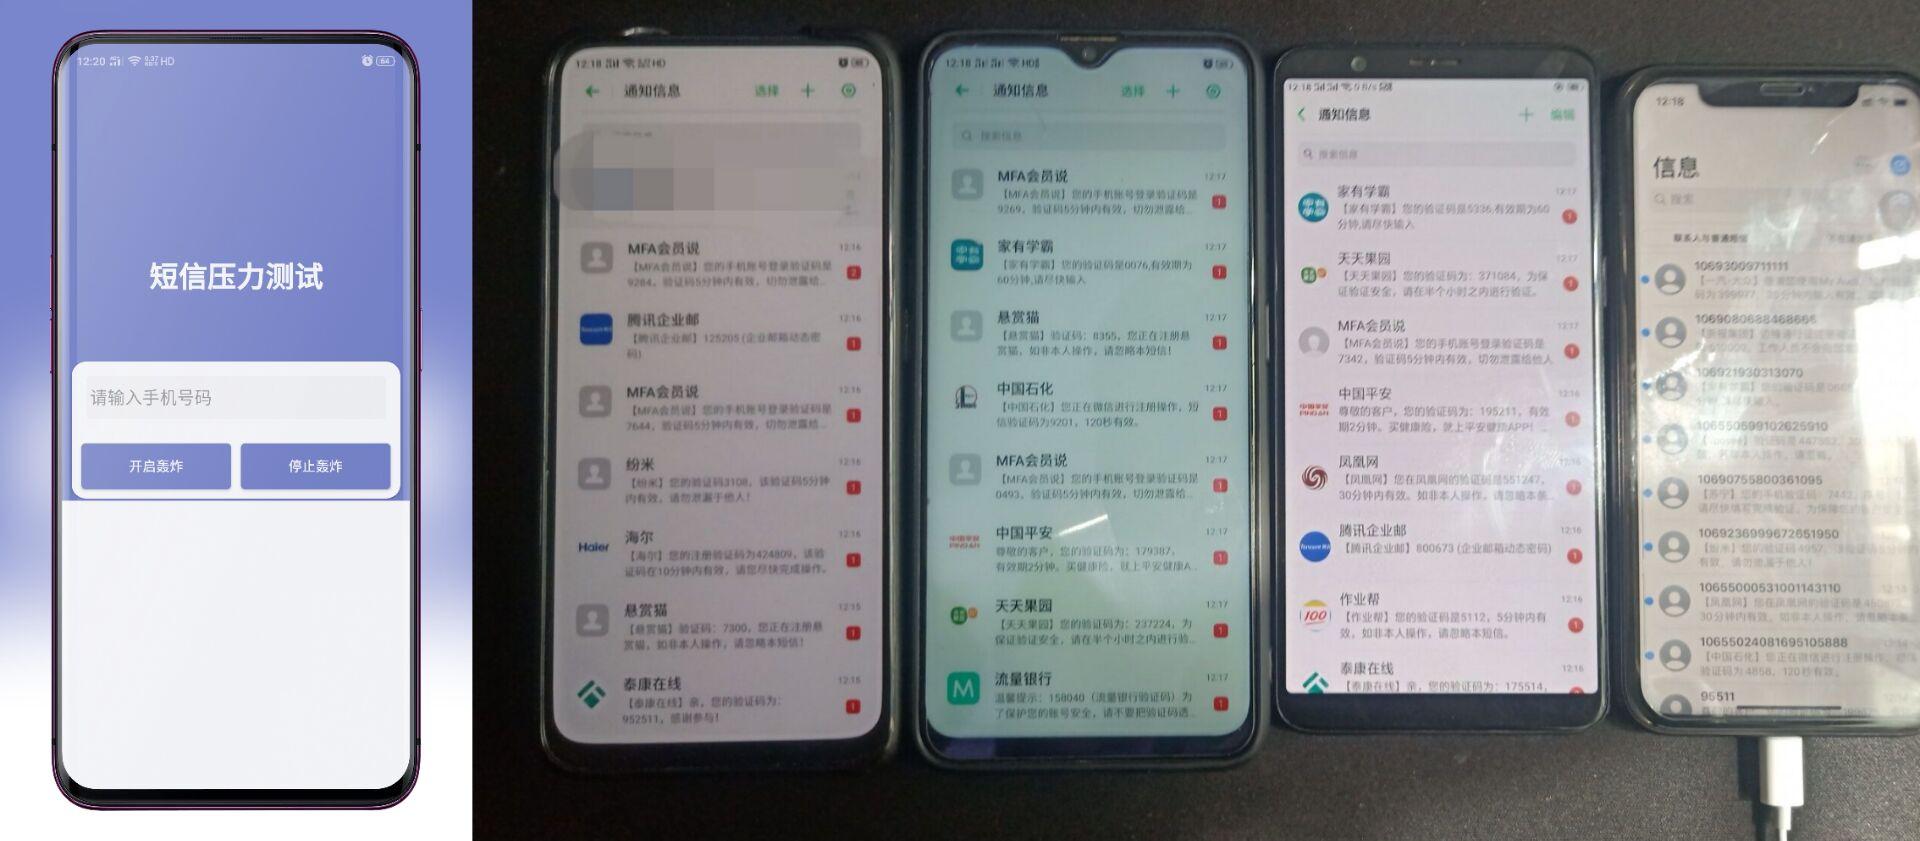 短信-压力测试器 v1.0 鼎峰绿化版